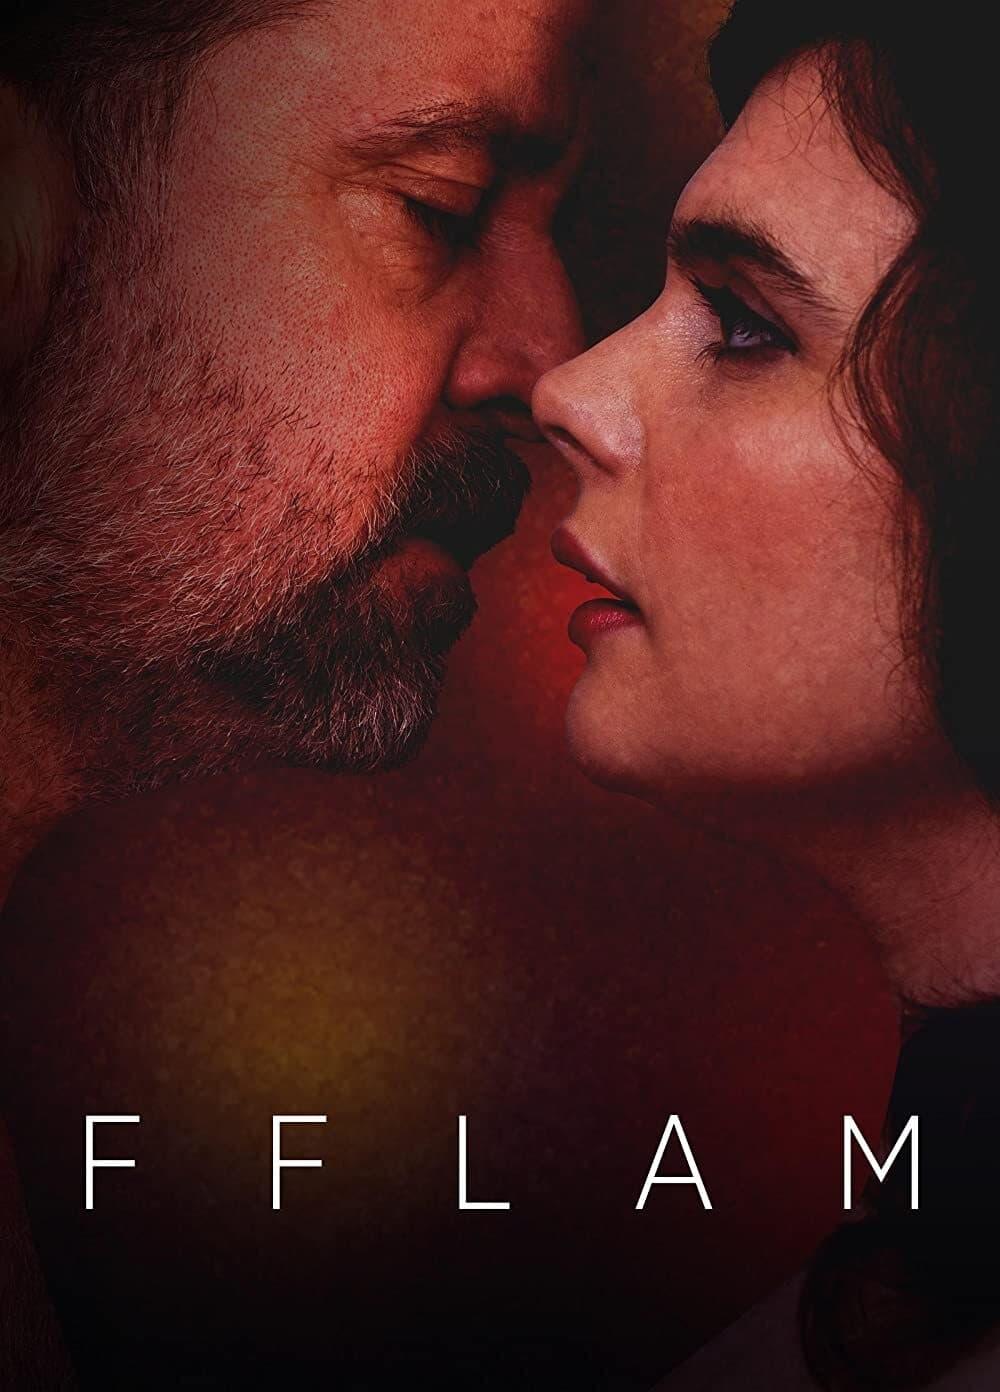 Fflam